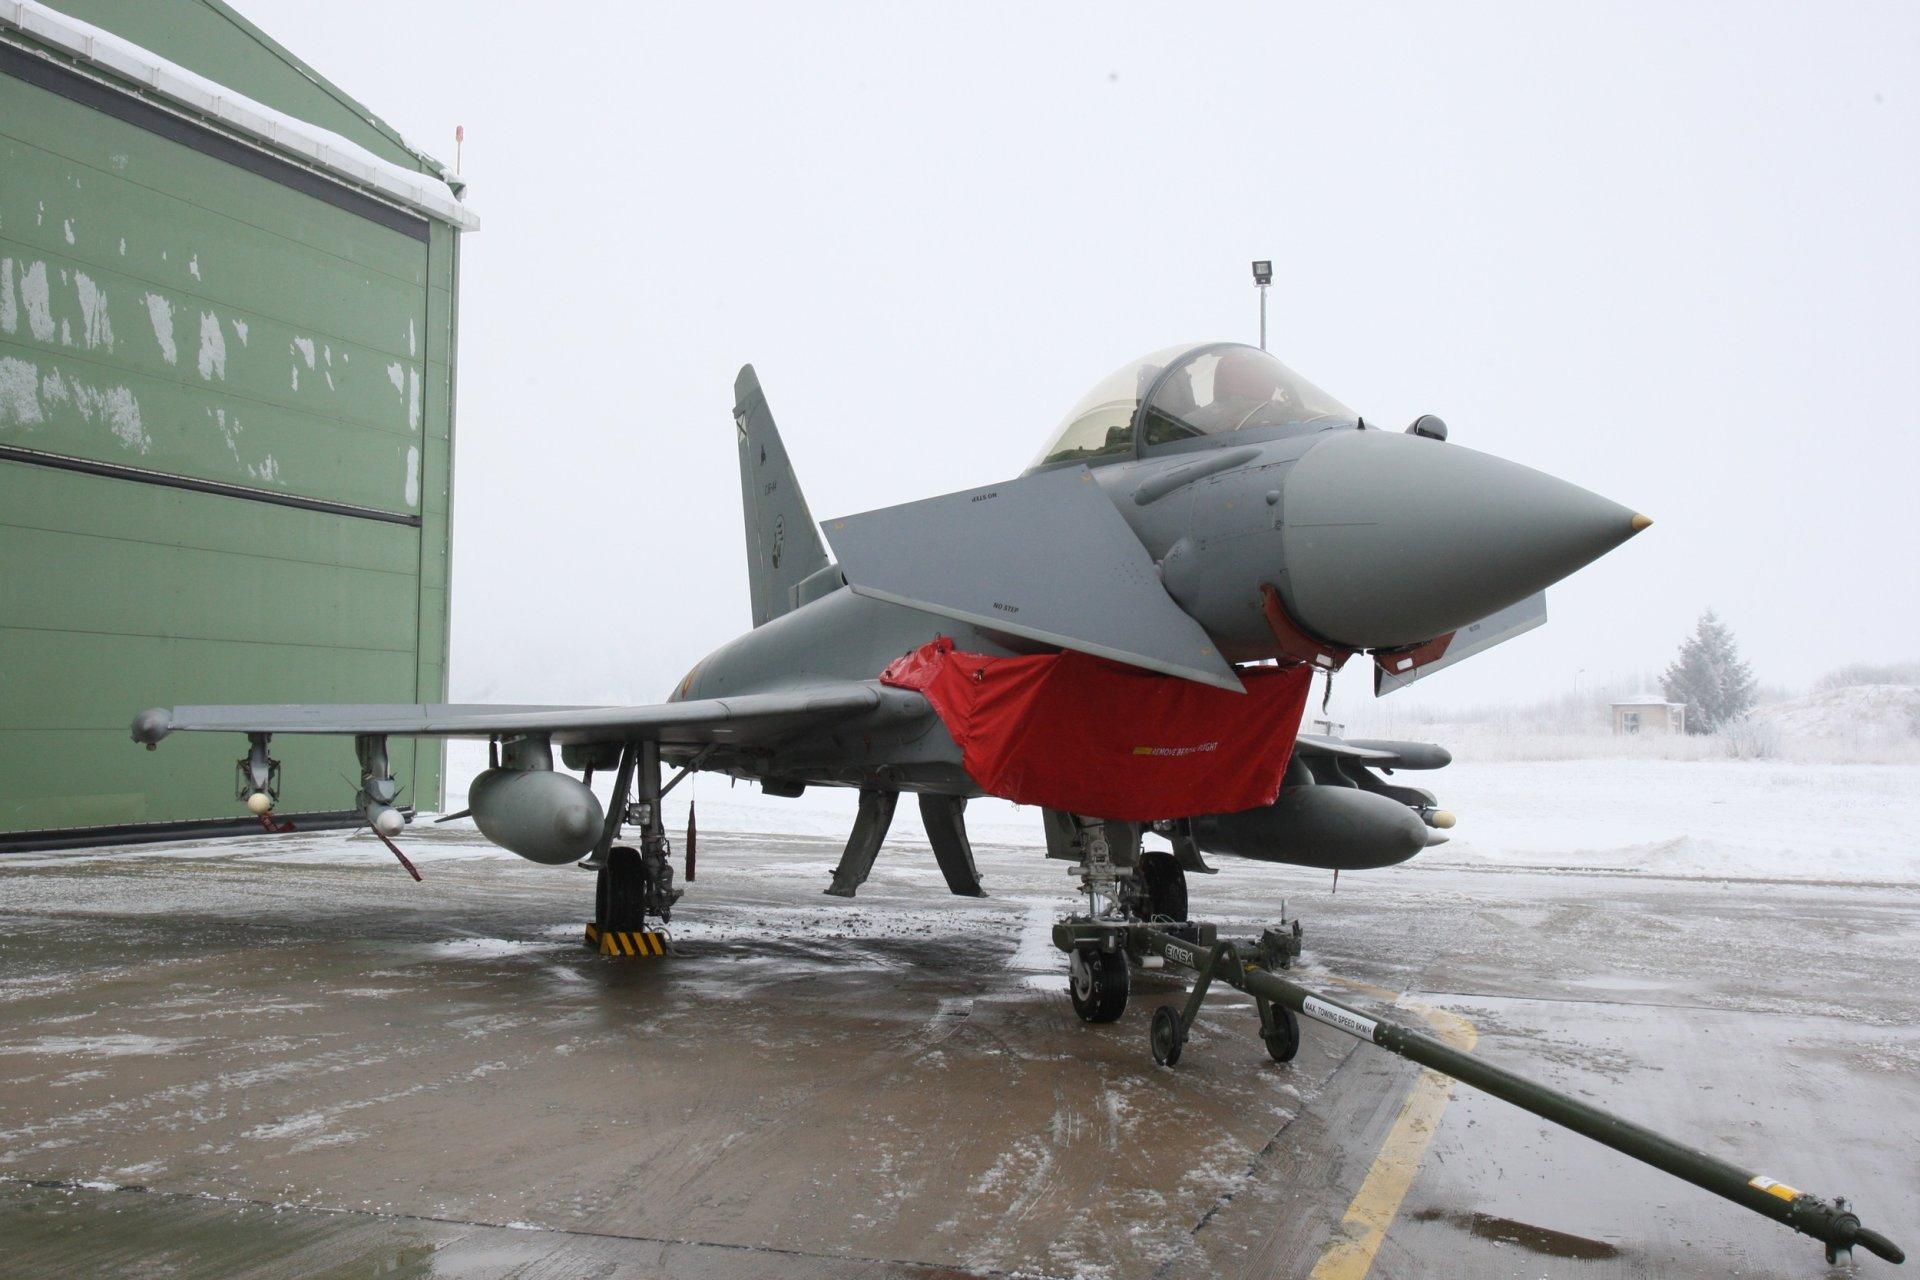 Небо над Балтией начинают патрулировать Испания и Бельгия - Цензор.НЕТ 8614